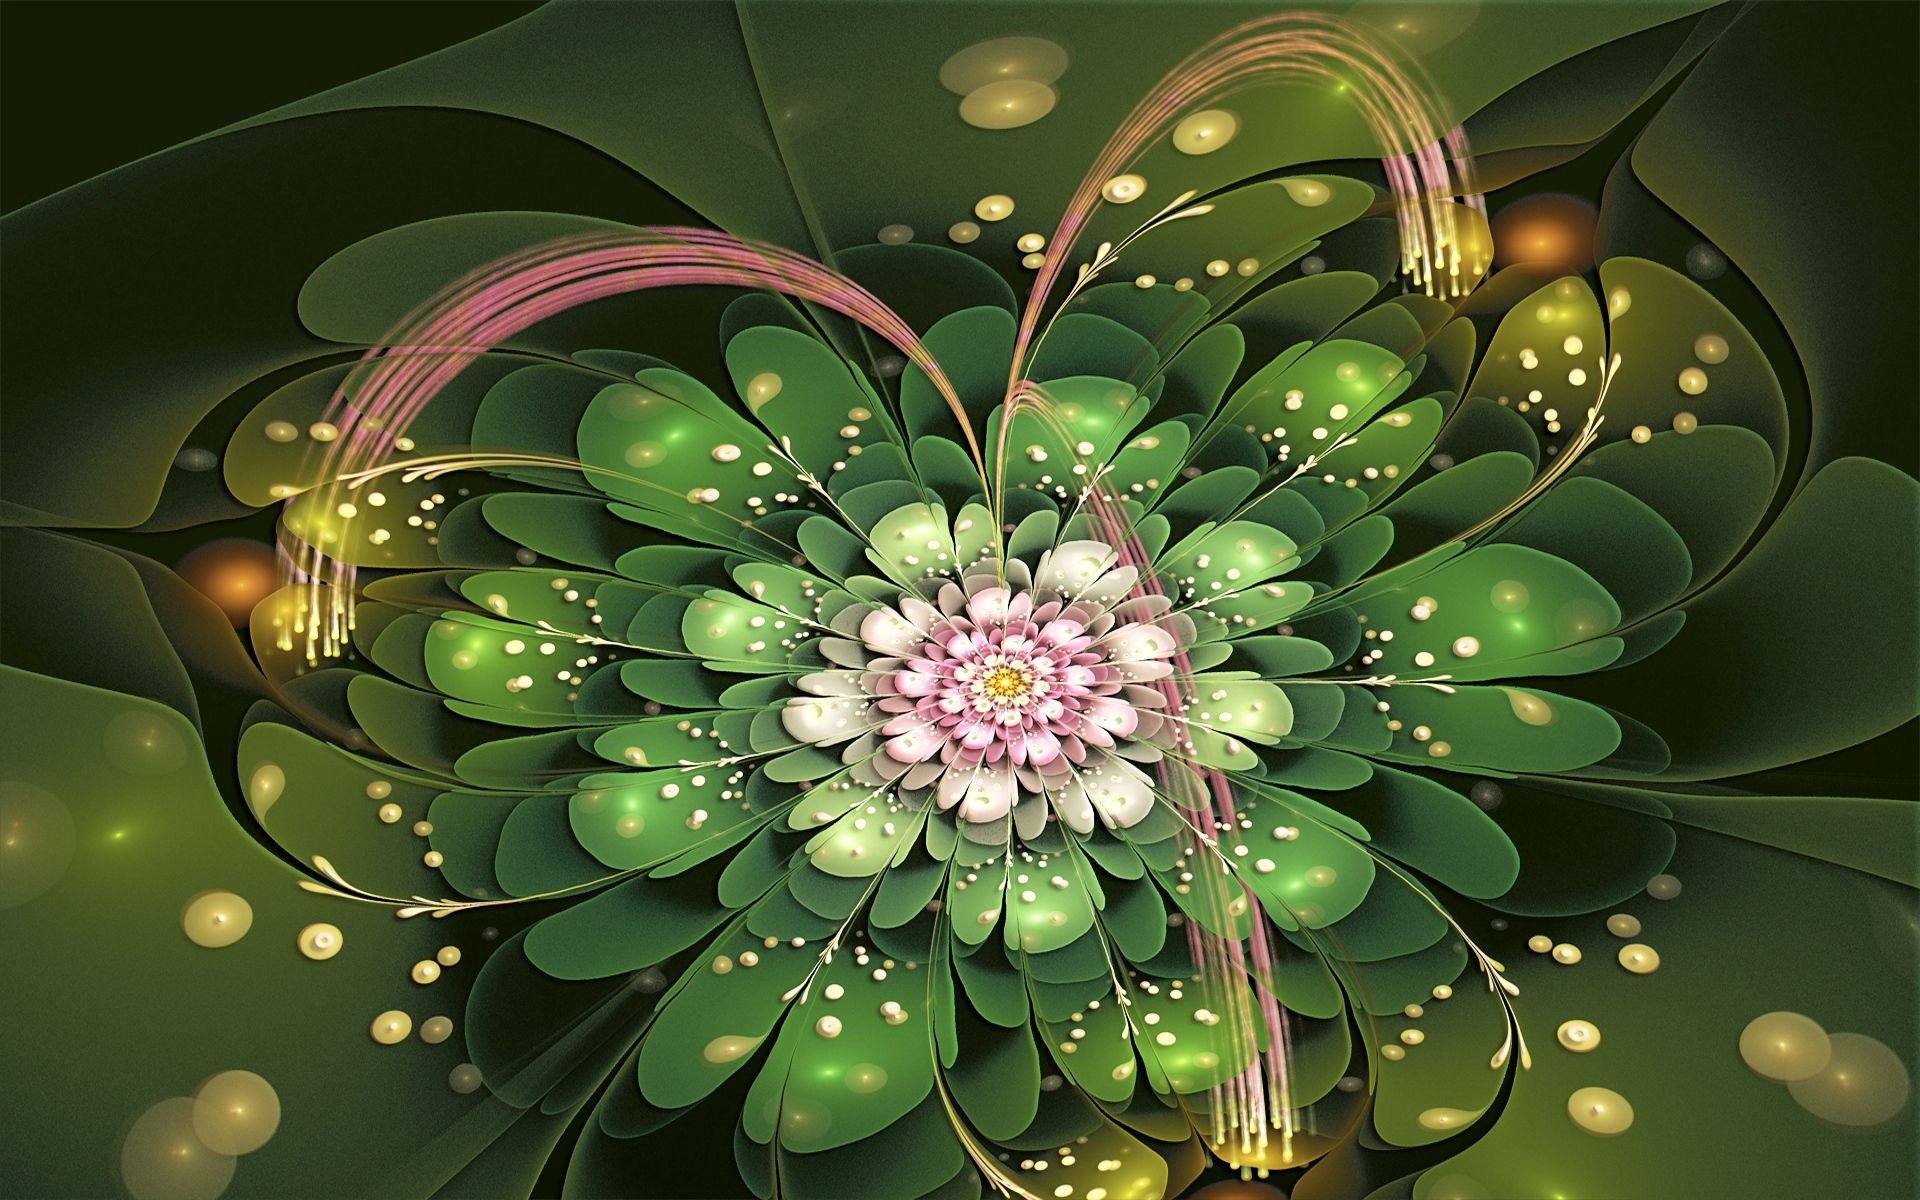 146732 скачать обои Абстракция, Фрактал, Цветок, Лепестки, Зеленый, Розовый - заставки и картинки бесплатно